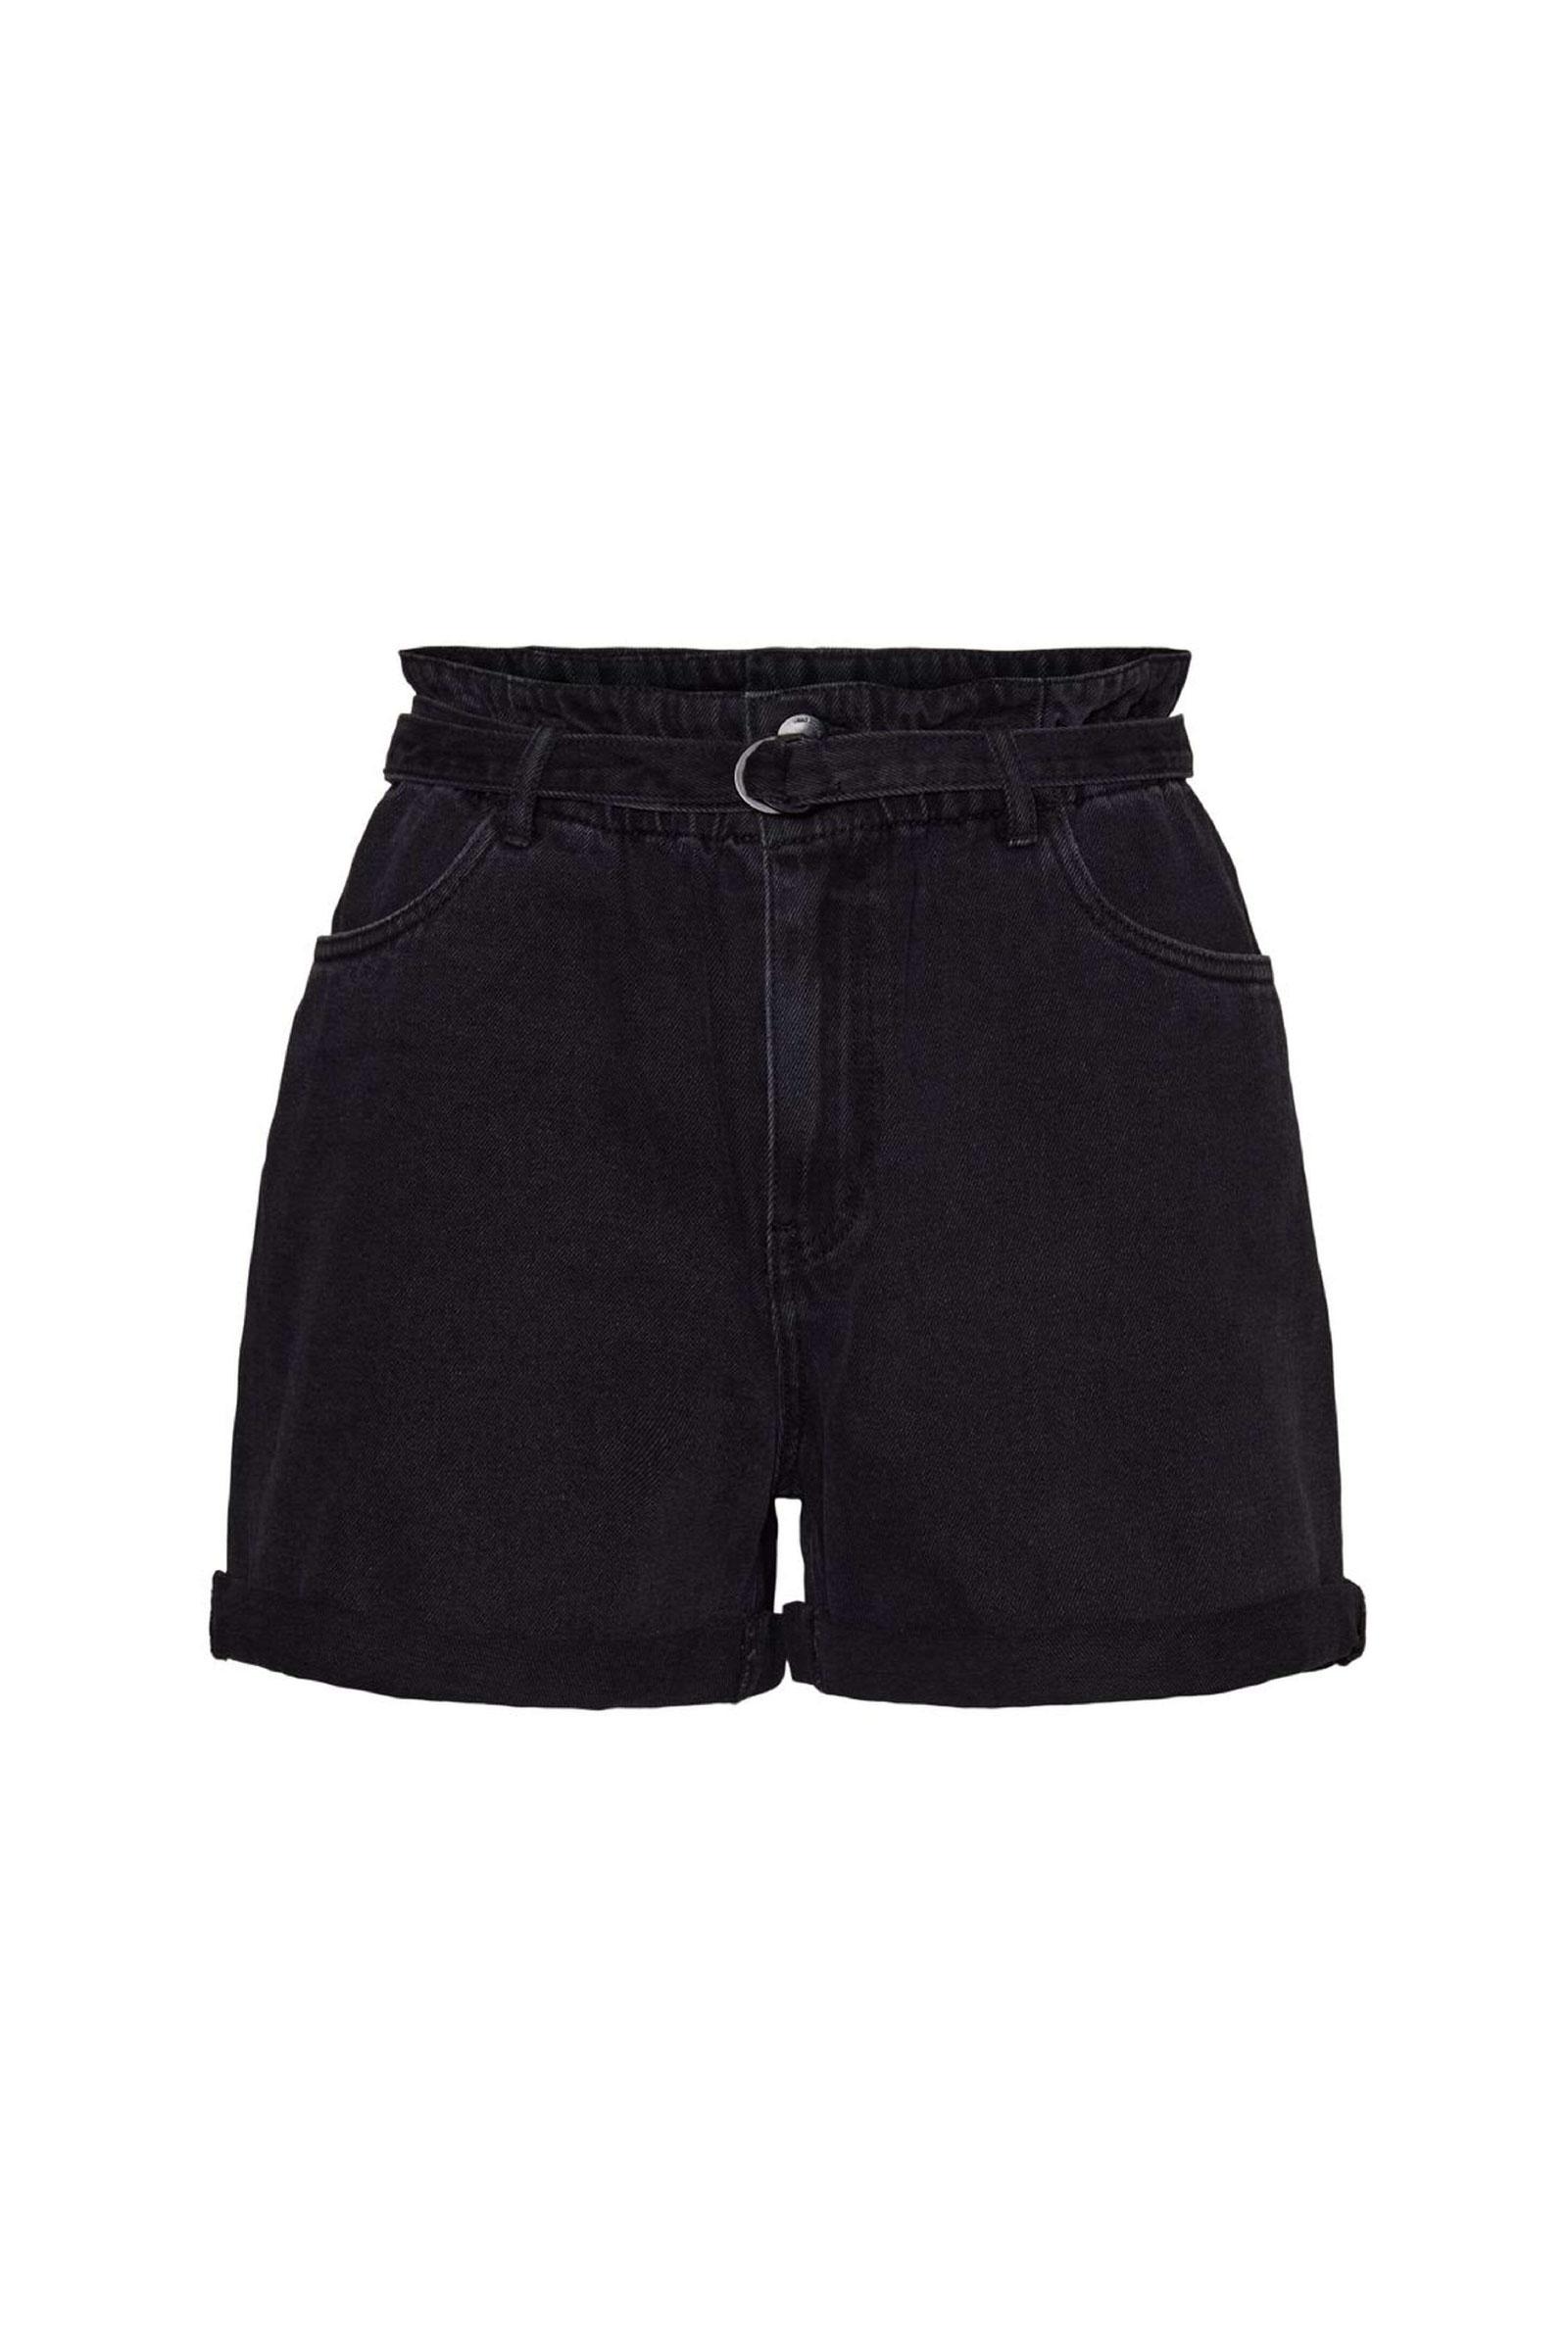 VERO MODA Shorts Woman VERO MODA |  | 10245223Black